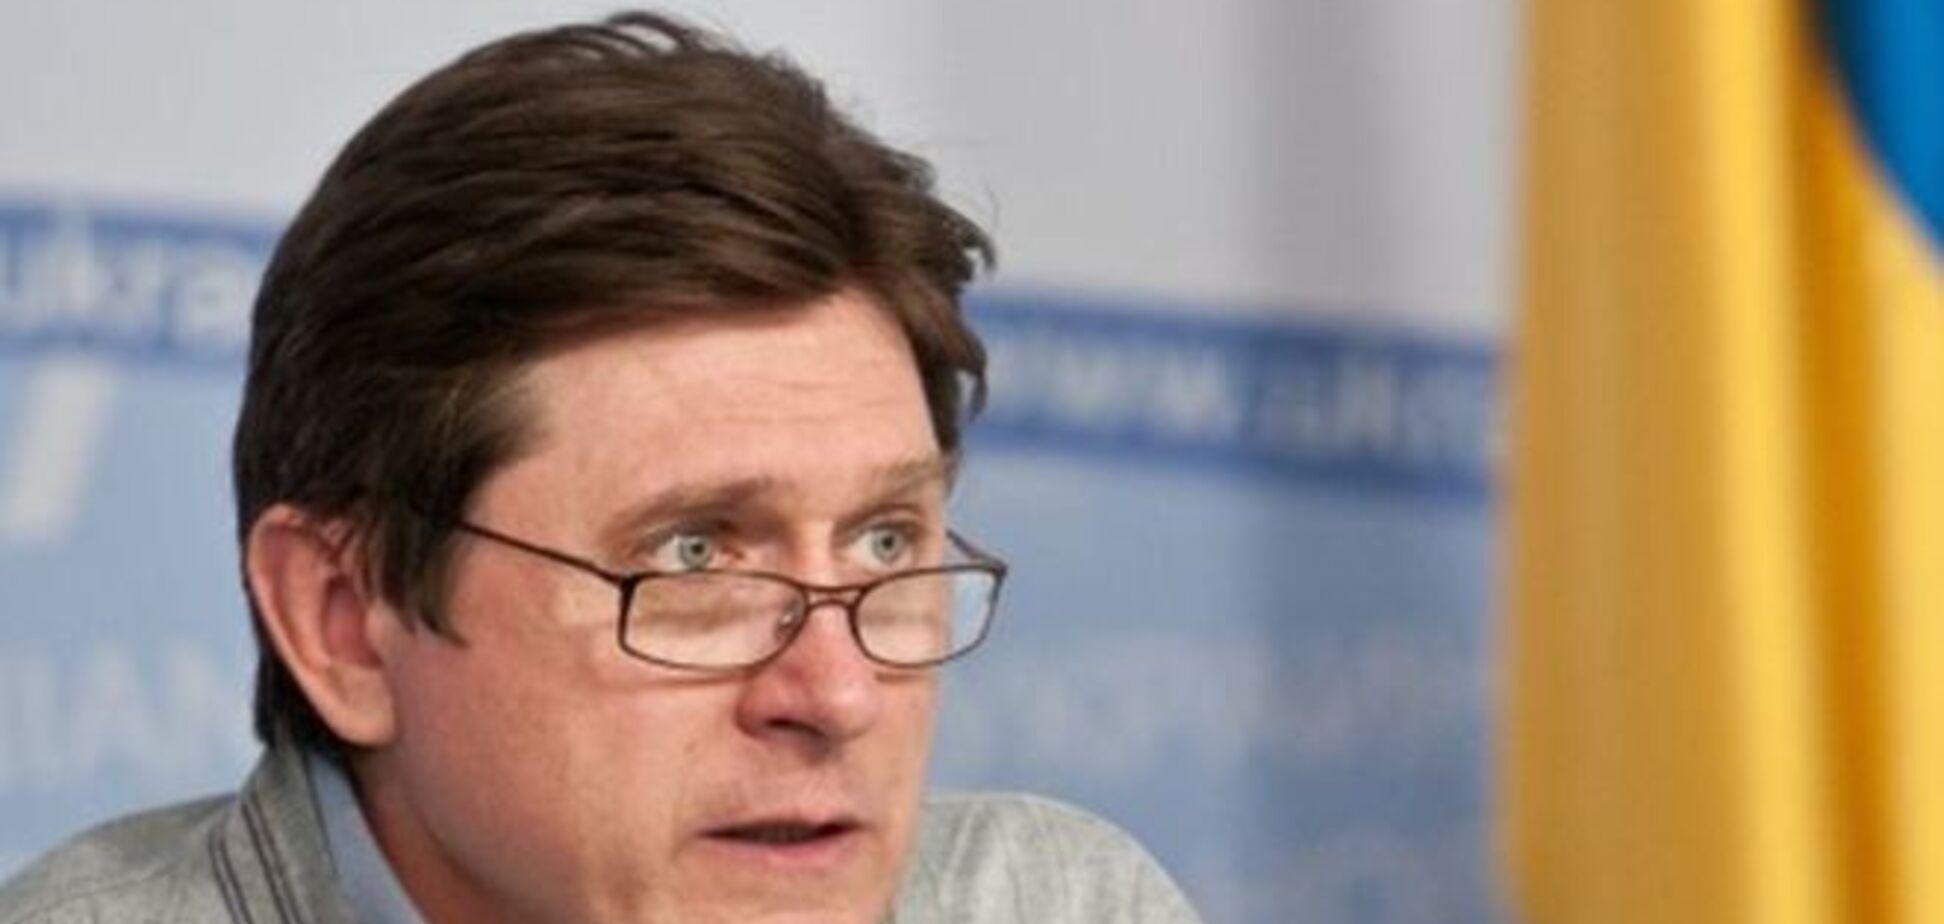 Фесенко: Украина - как подросток, пытающийся оторваться от родителей